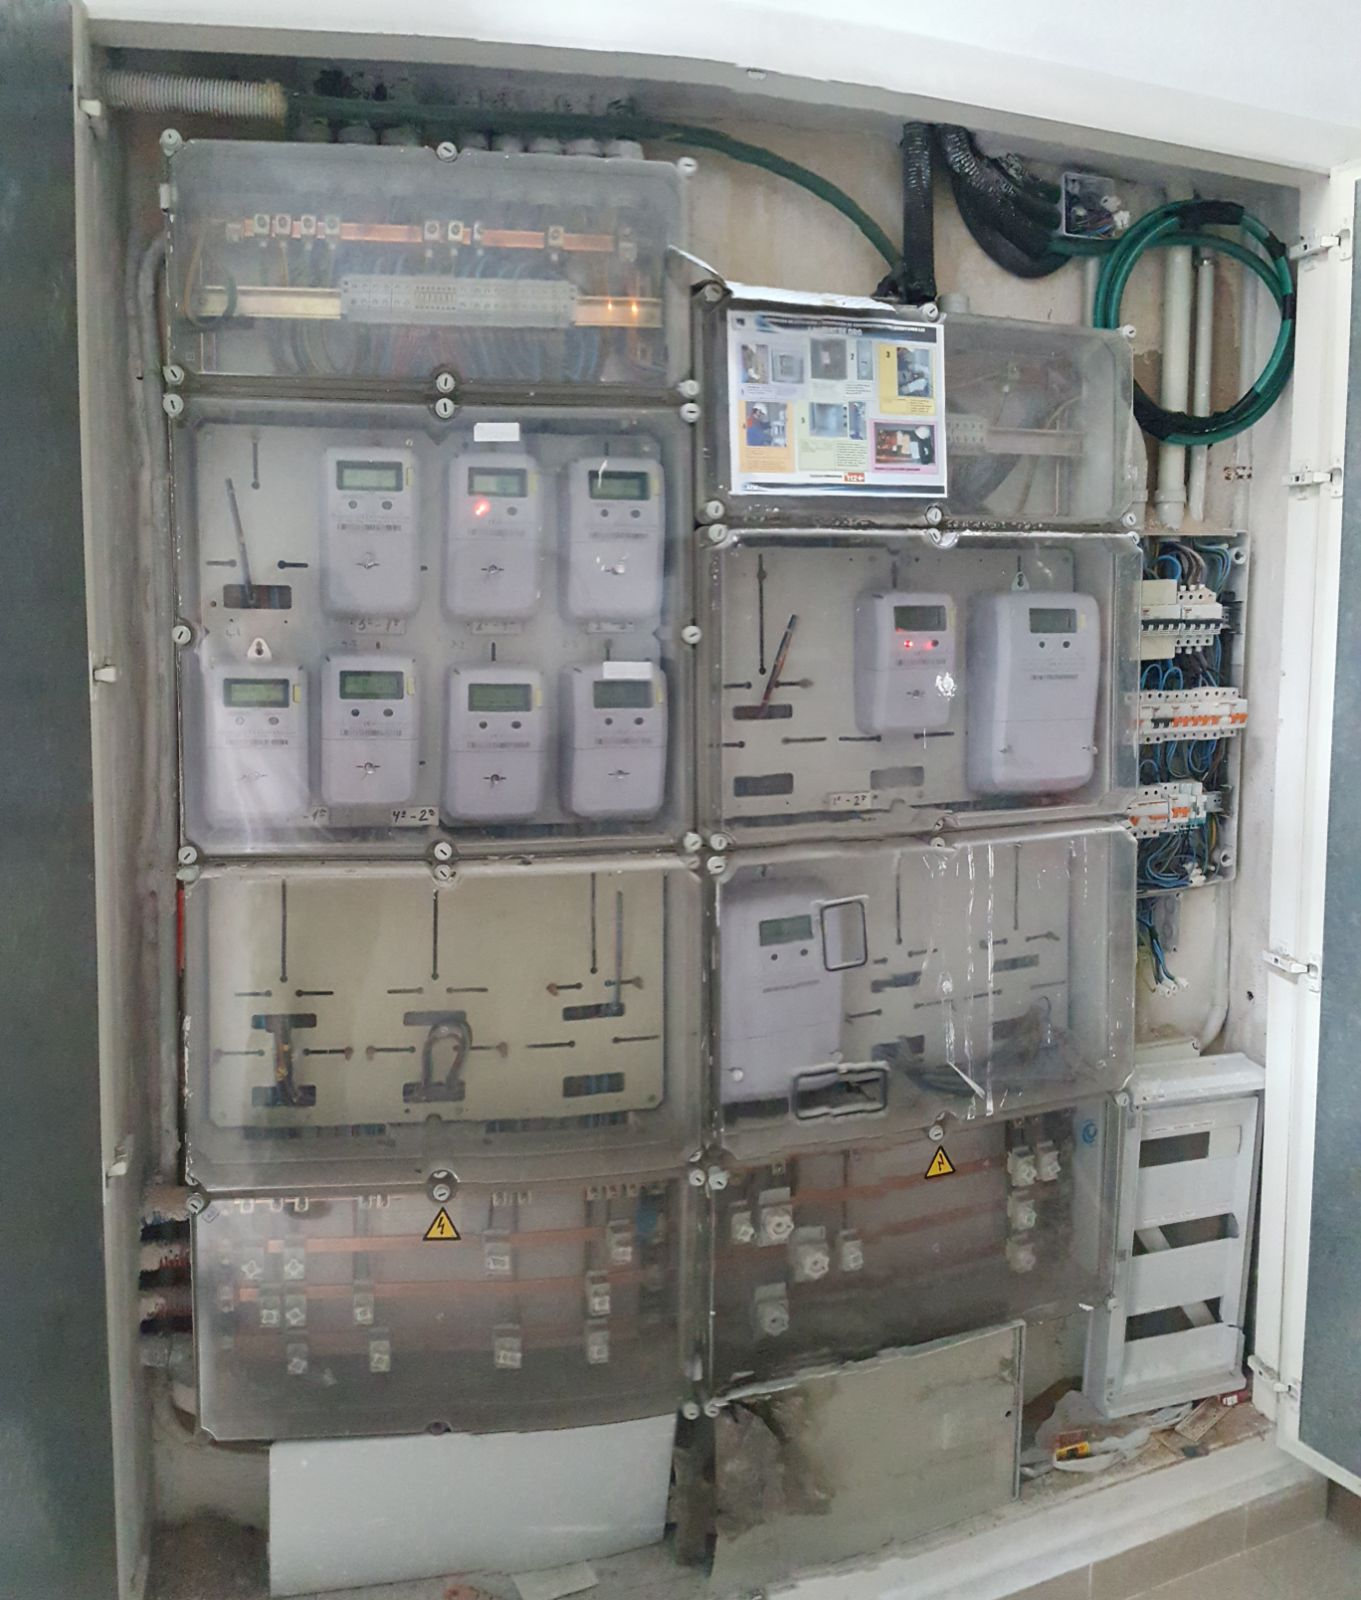 Boletin de instalador de agua gallery of boletn especial for Cuanto cuesta dar de alta la luz vivienda segunda mano